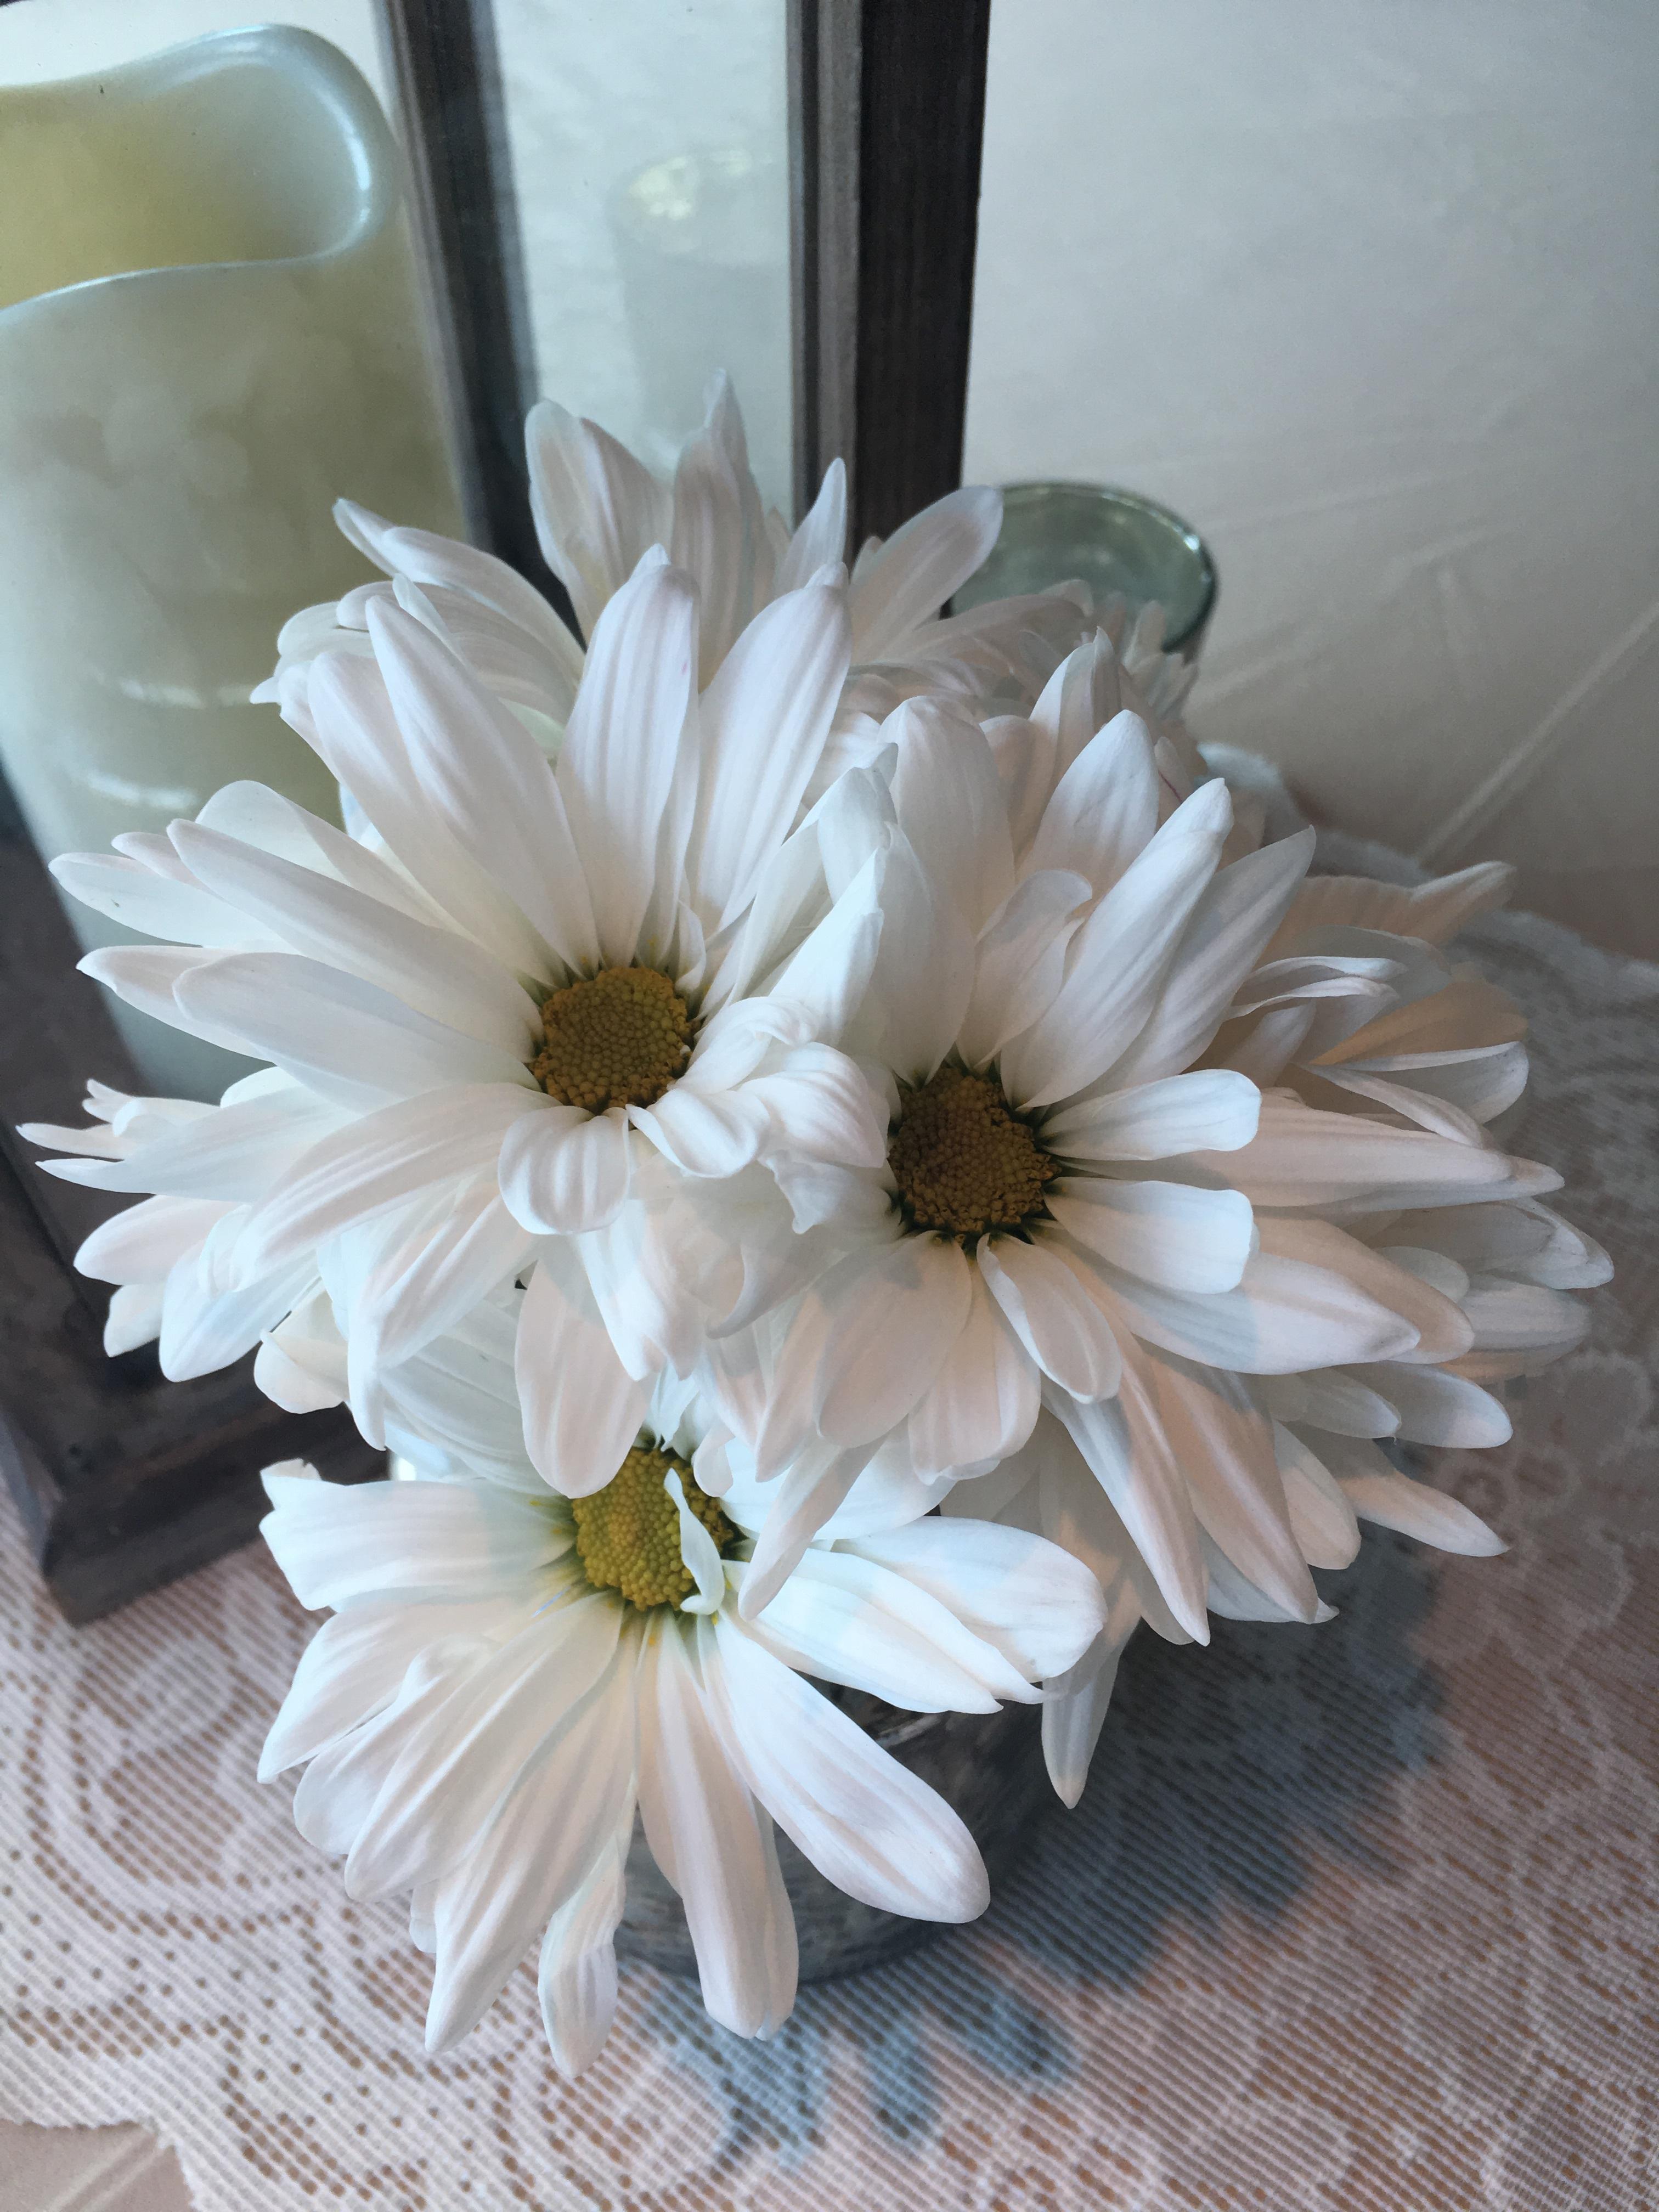 Free Images Petal Arrangement Floristry White Daisy Flowering